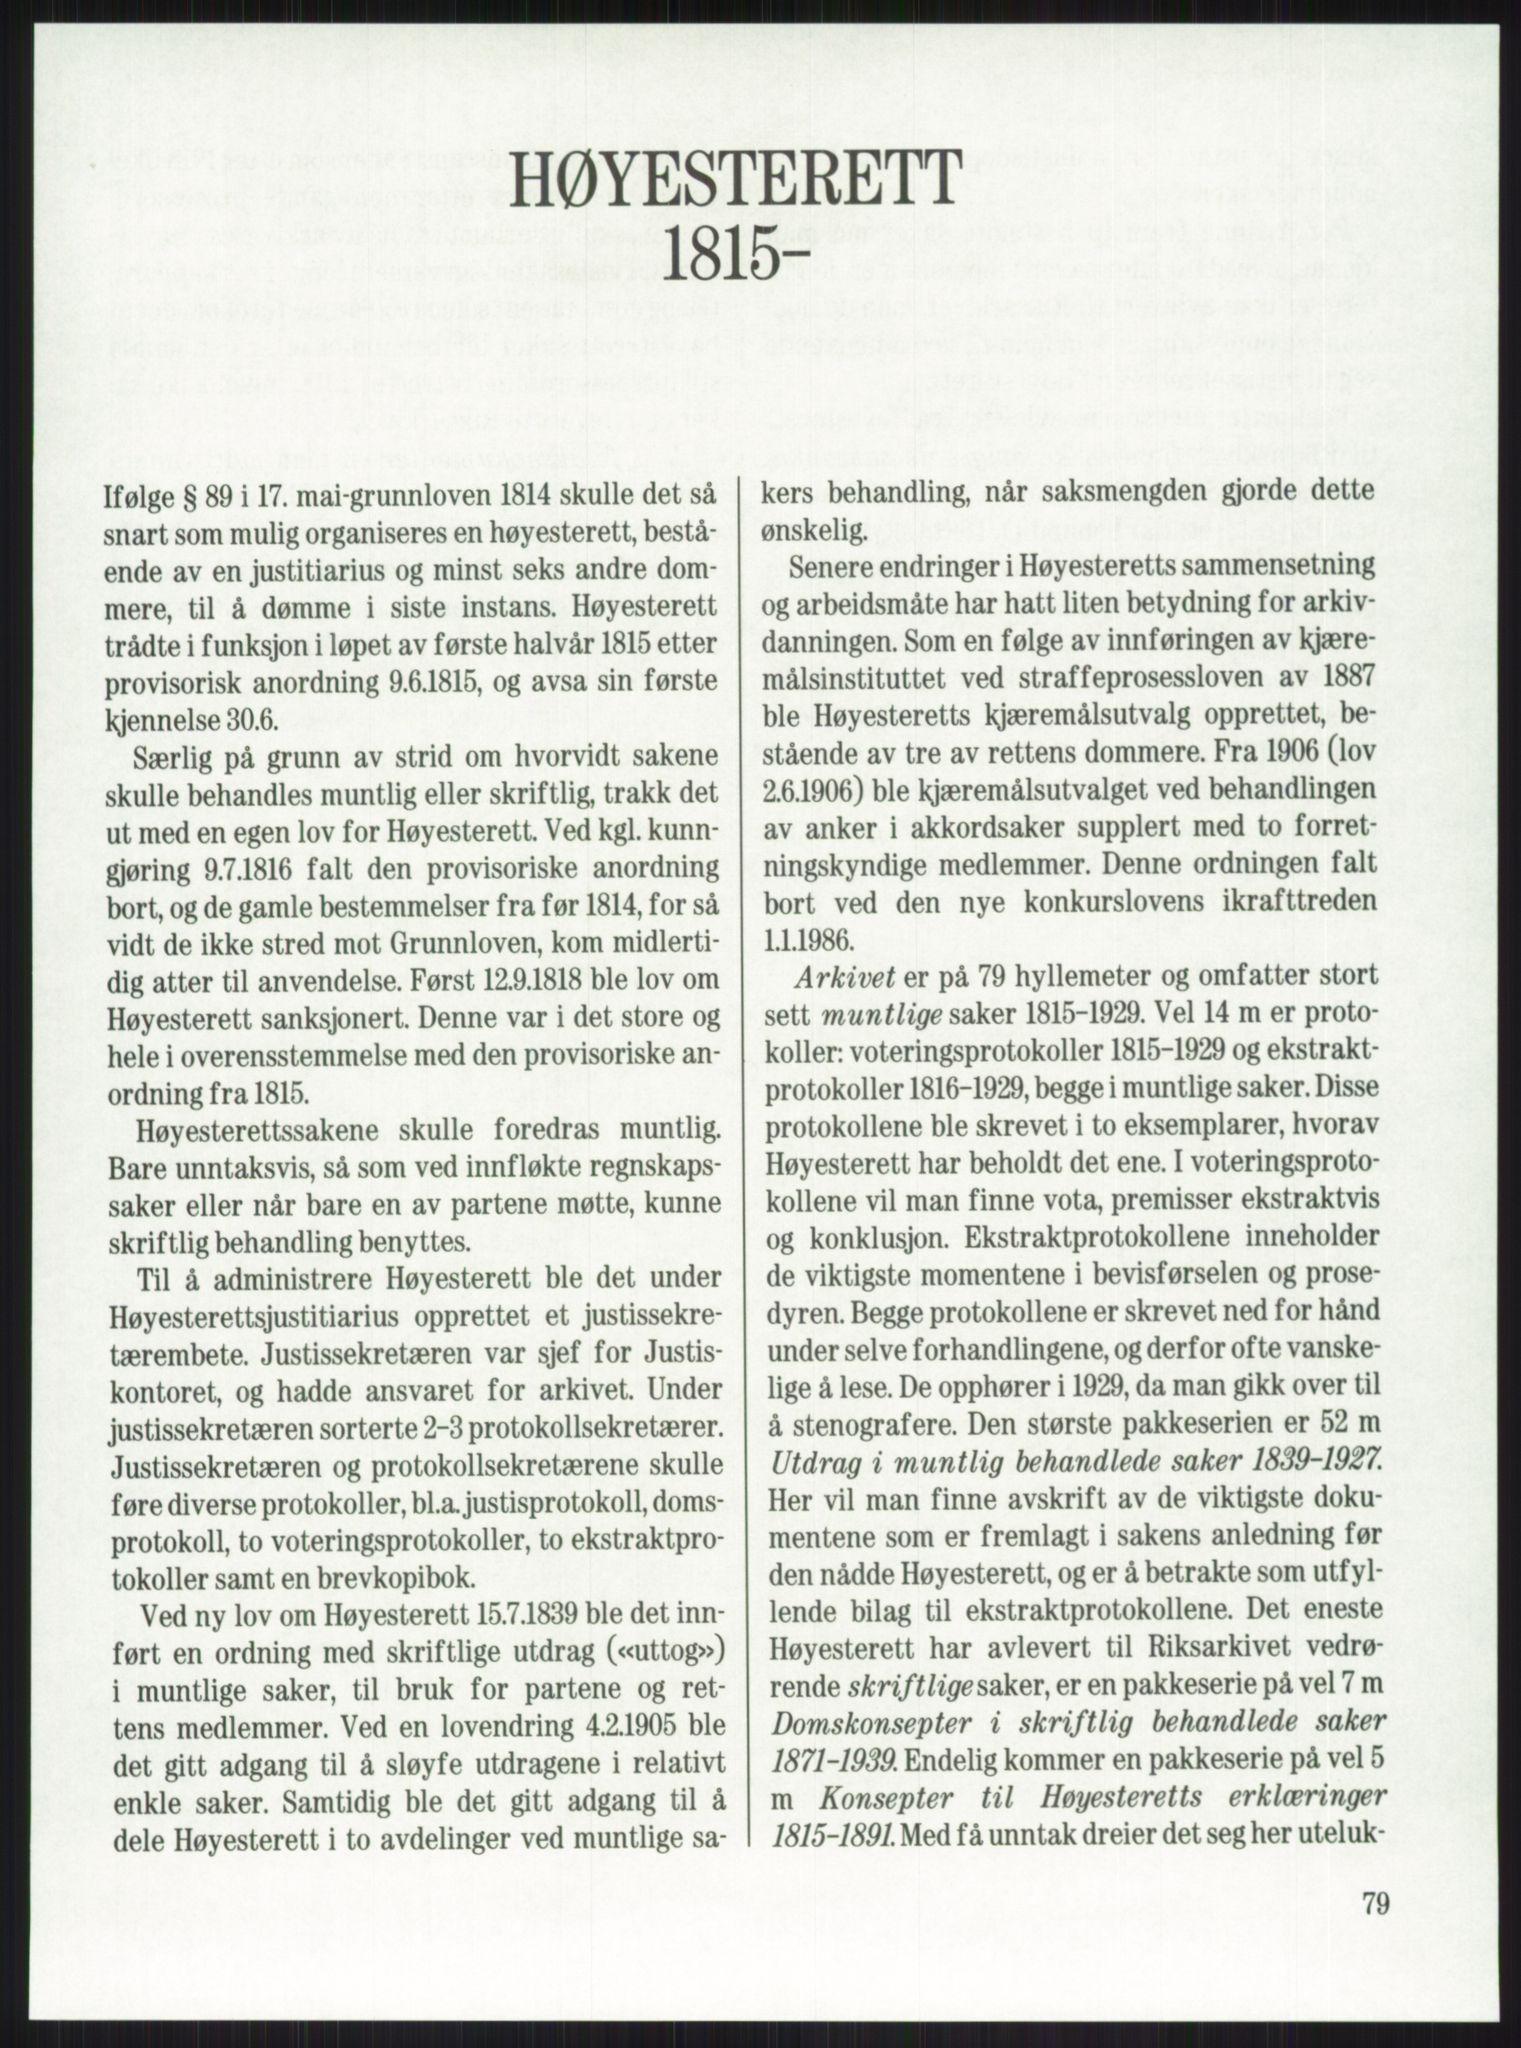 RA, Publikasjoner*, 1974-1977, s. 79